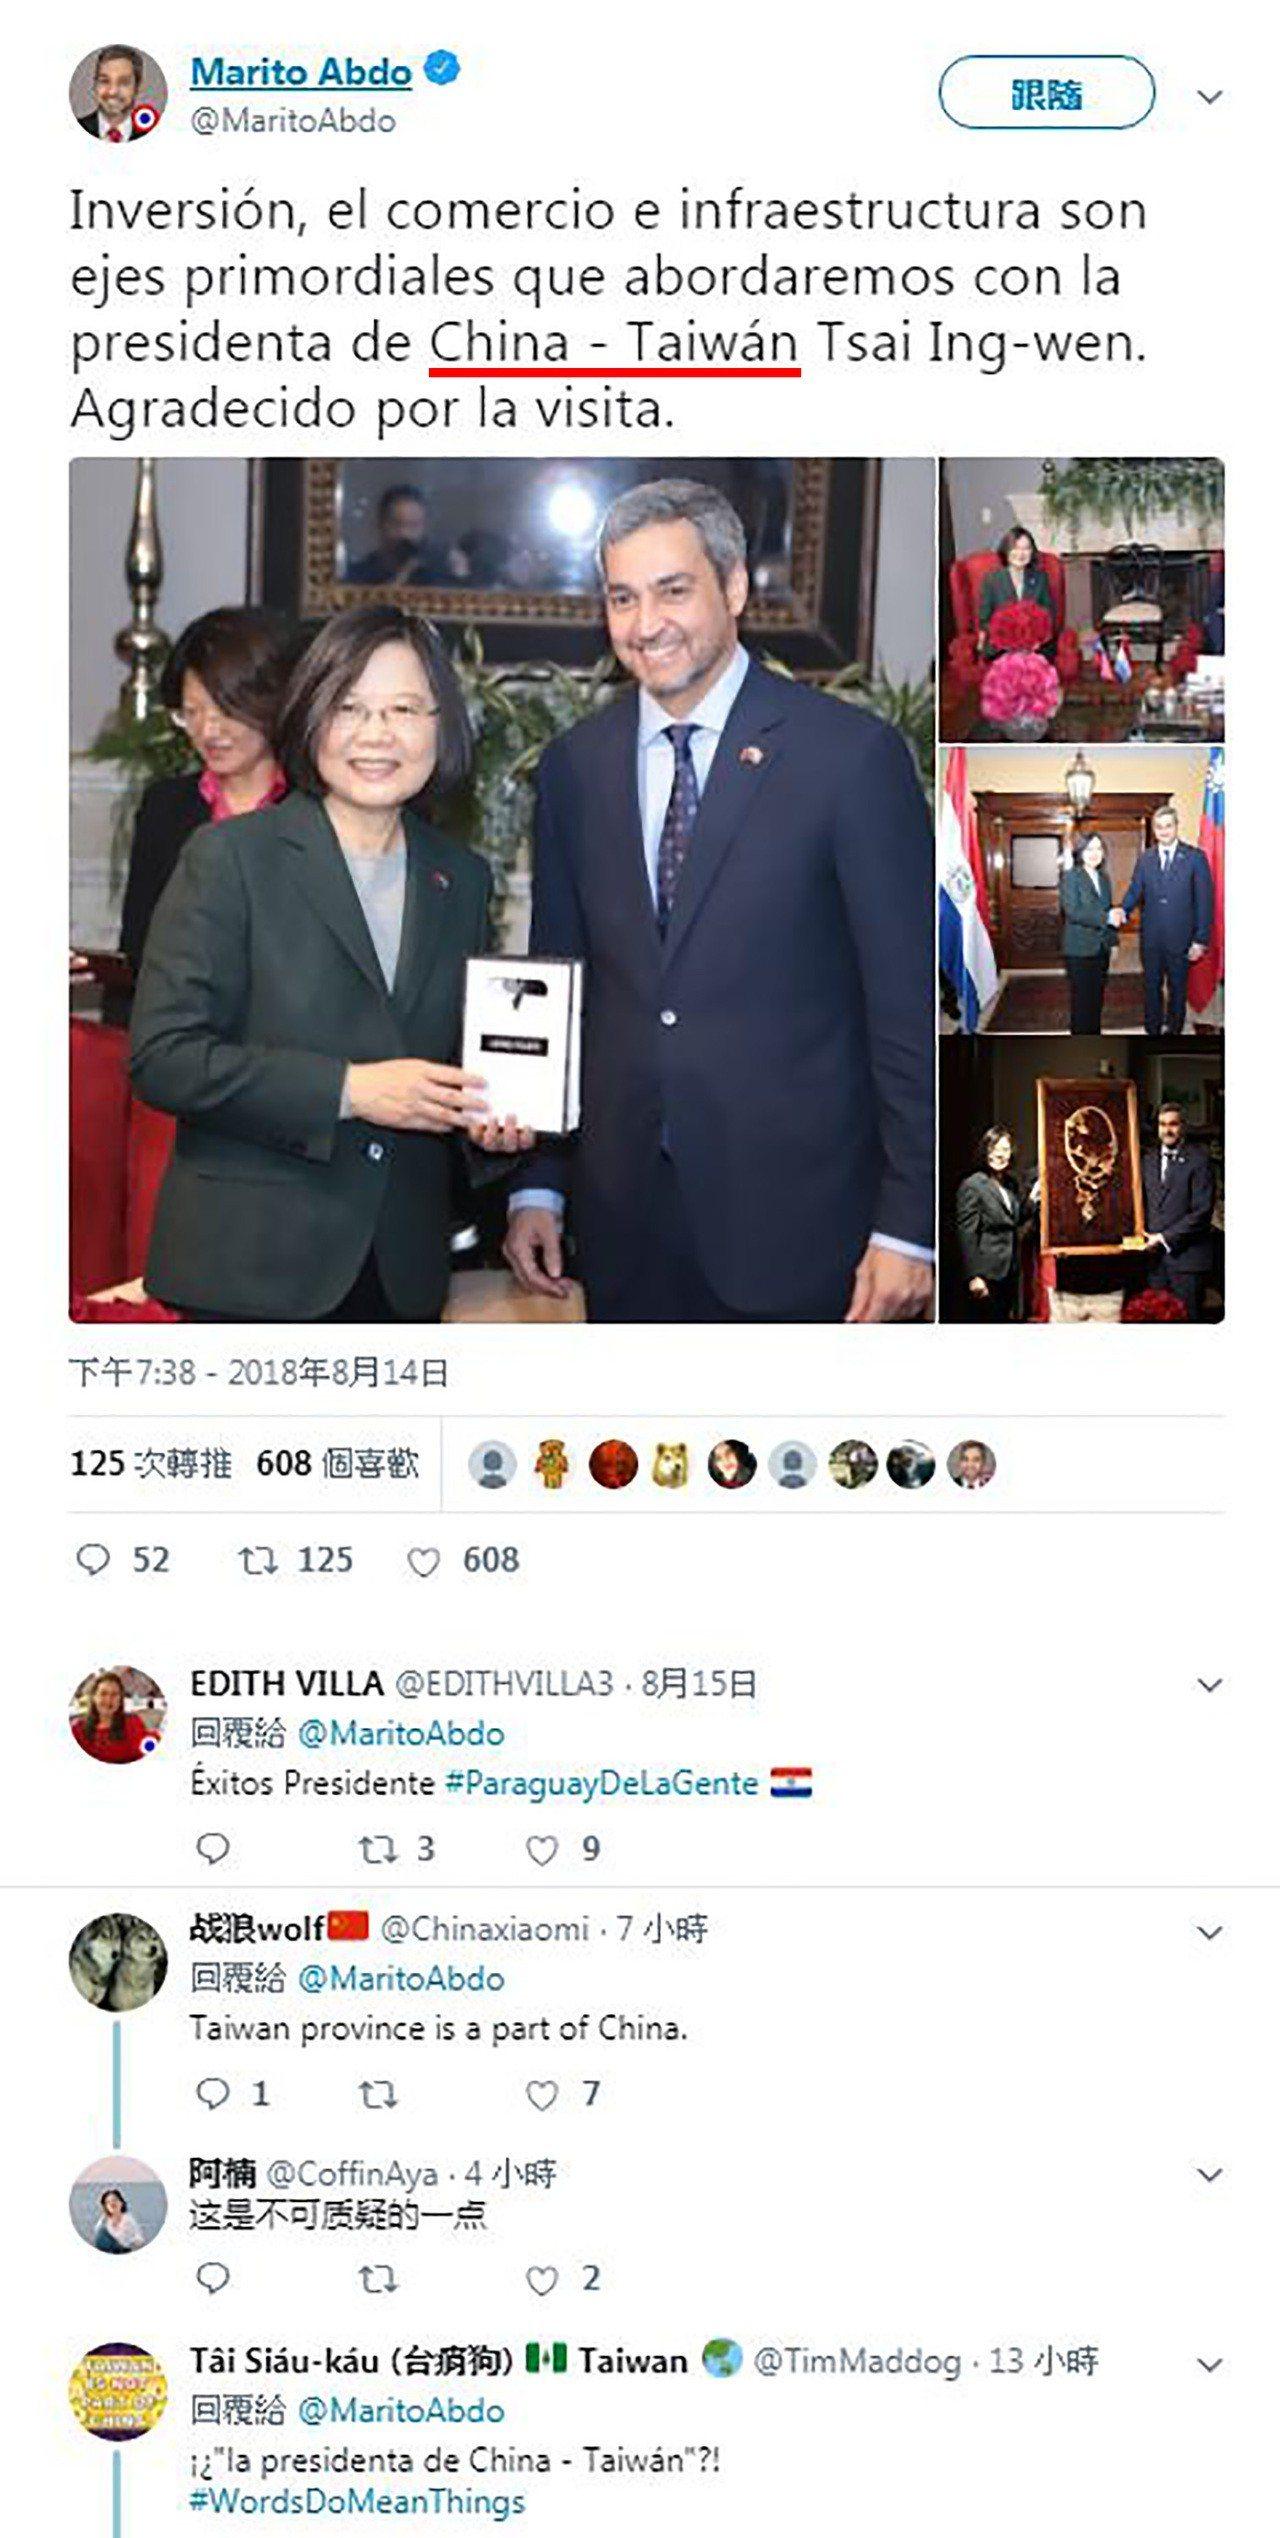 蔡英文總統參加巴拉圭總統阿布鐸就職典禮,阿布鐸在臉書和推特上都用「la pres...